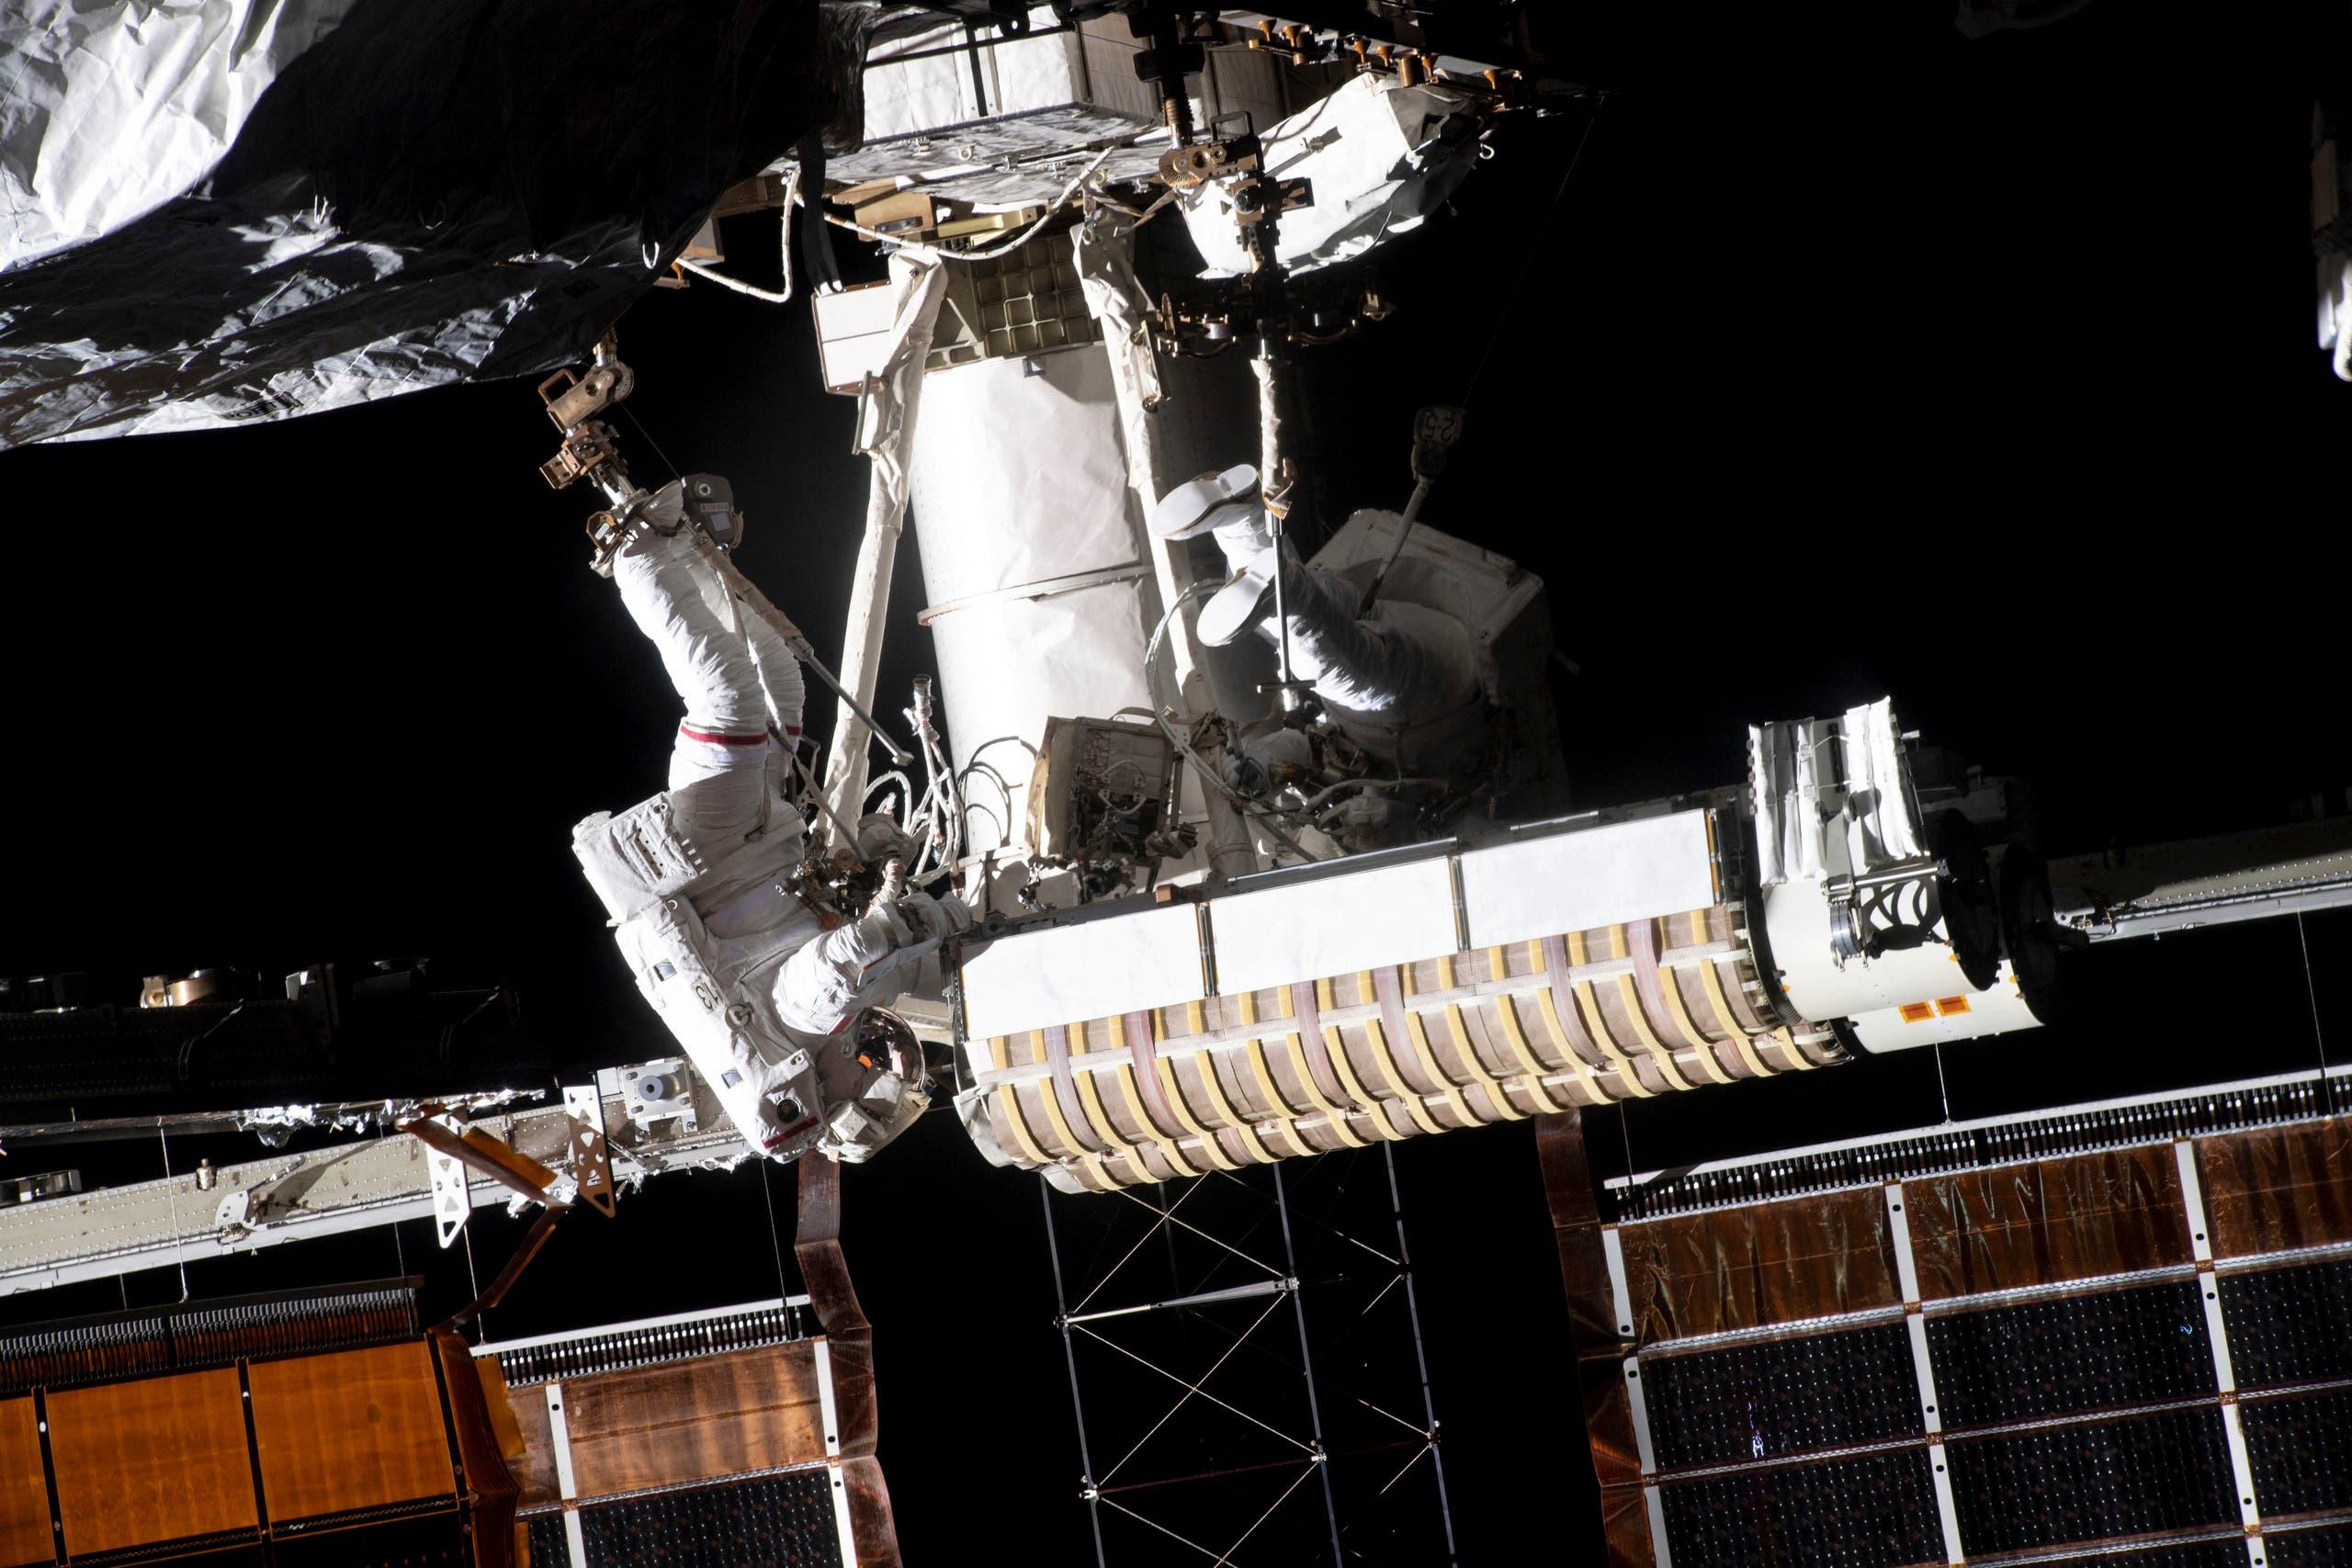 الرائد الفرنسي توما بيسكيه يؤدي مهمة خارج محطة الفضاء الدولية (أرشيفية)